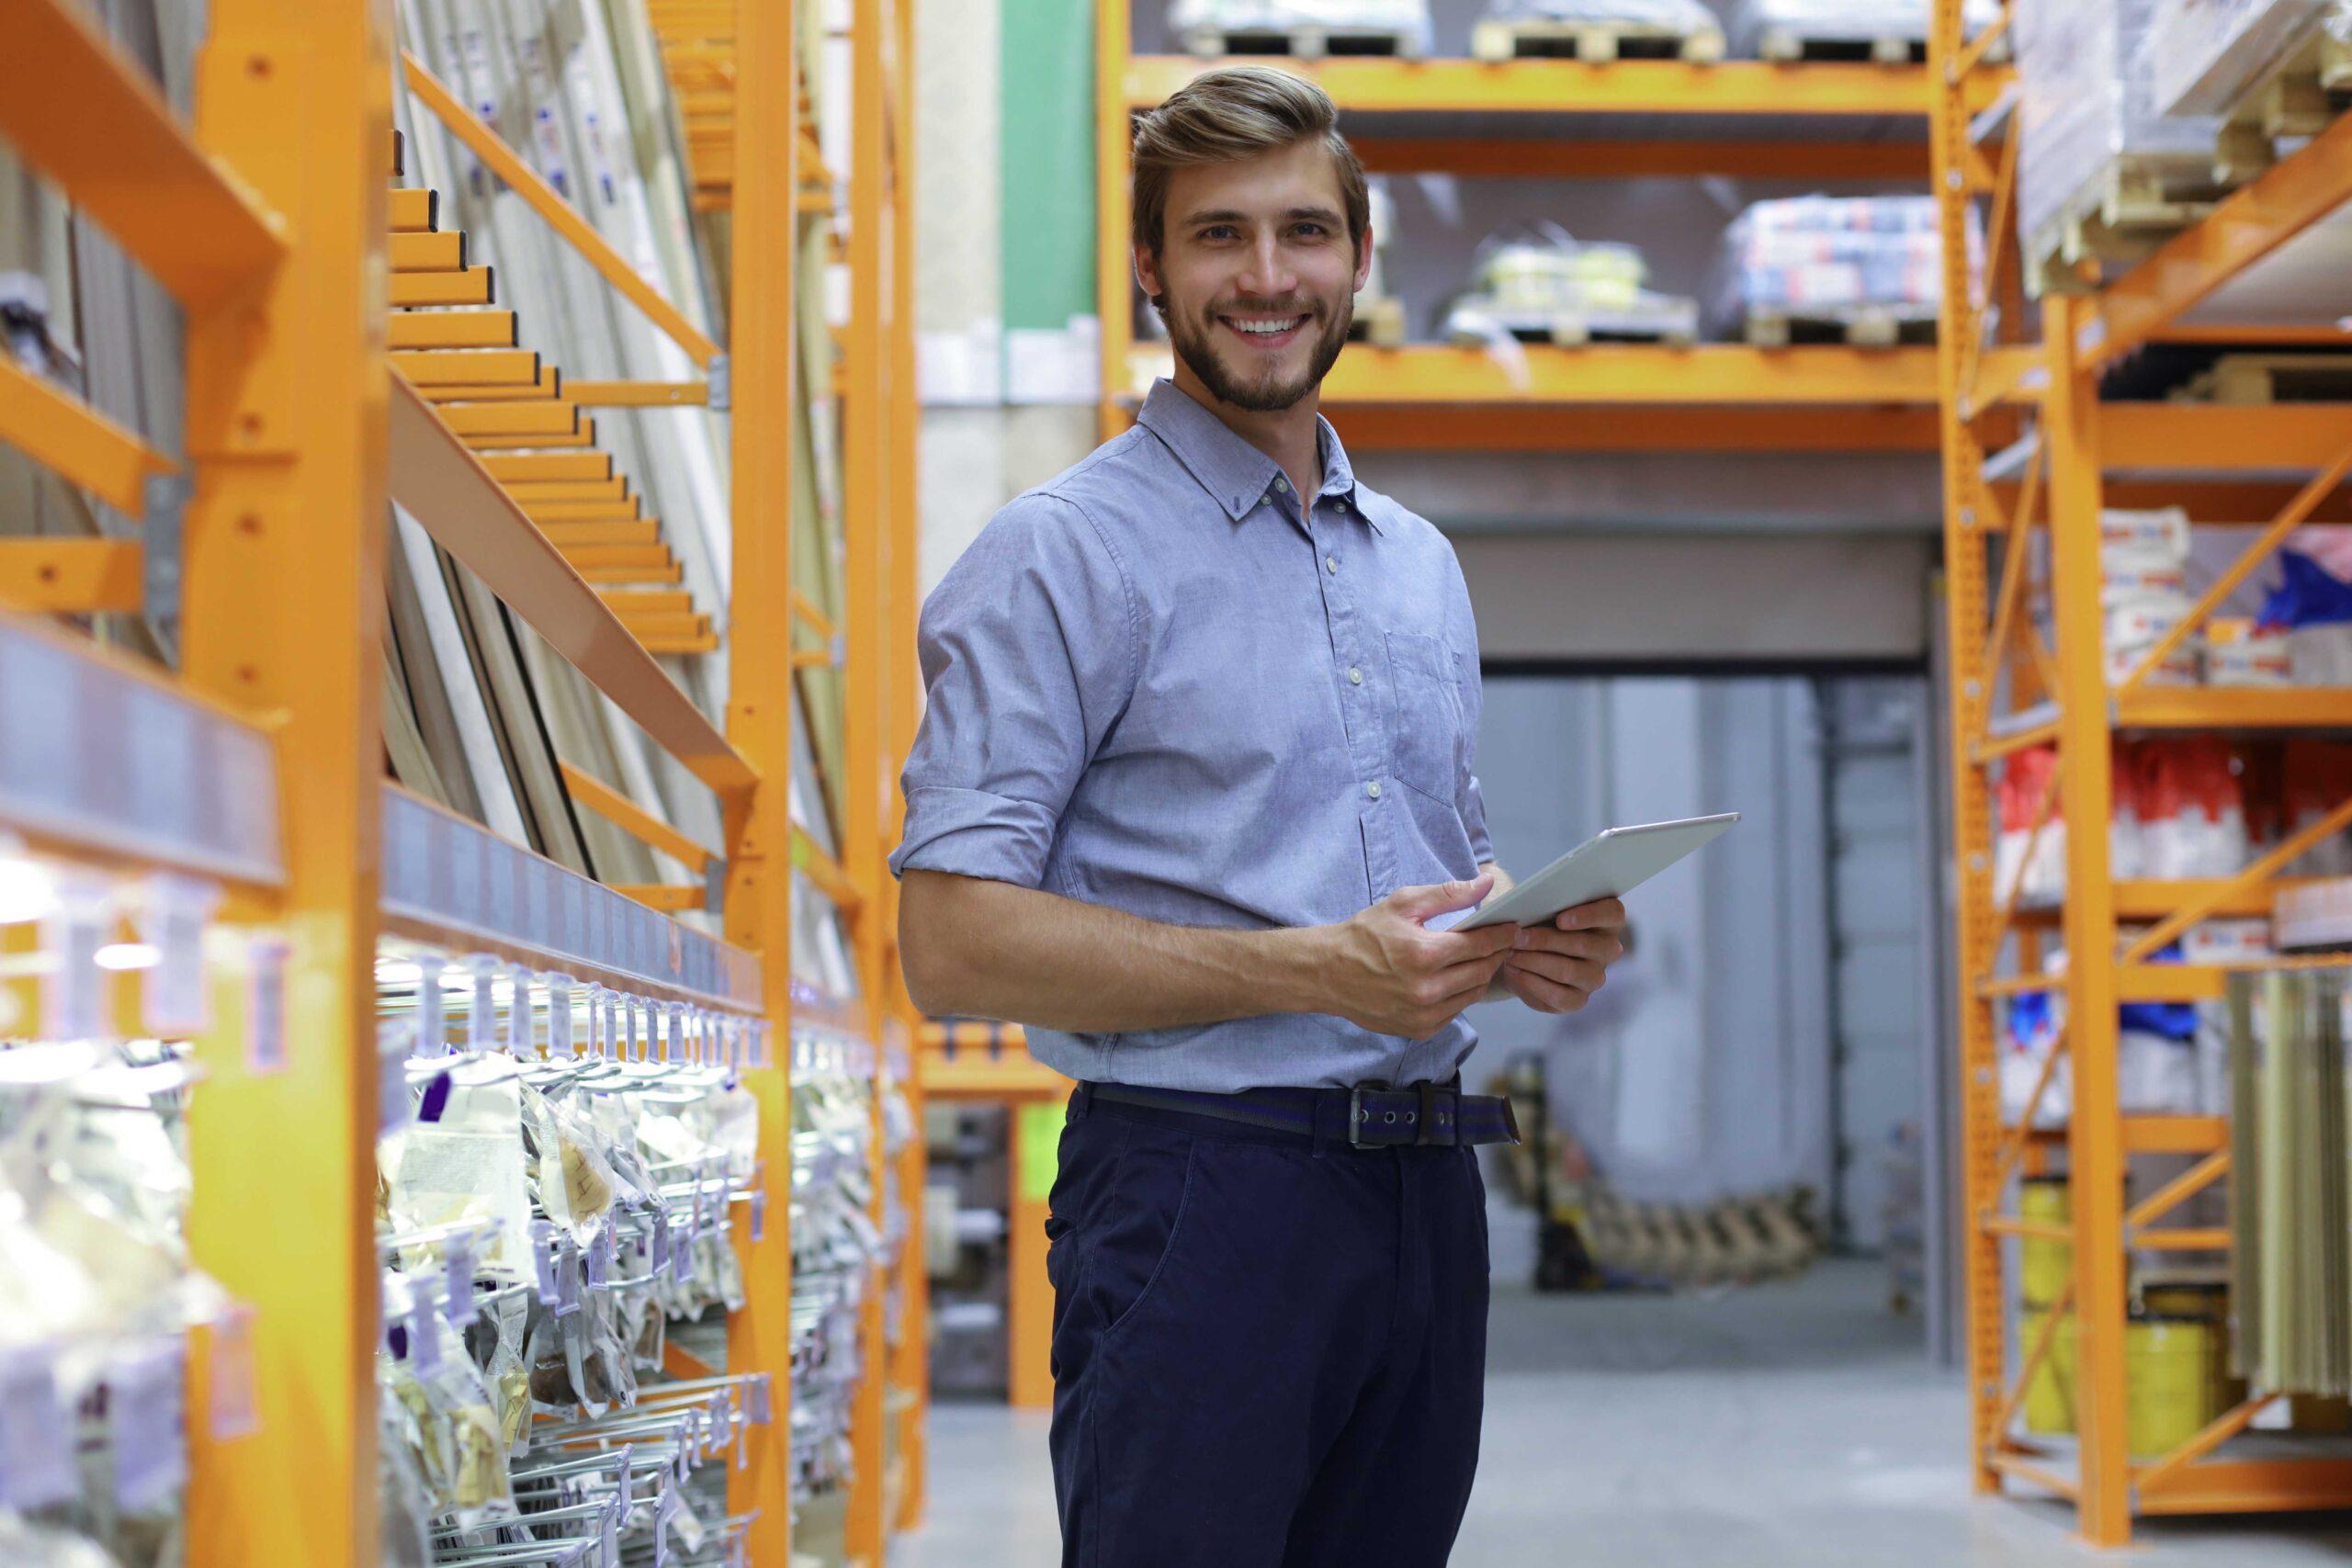 De voordelen van CRM voor de groothandel